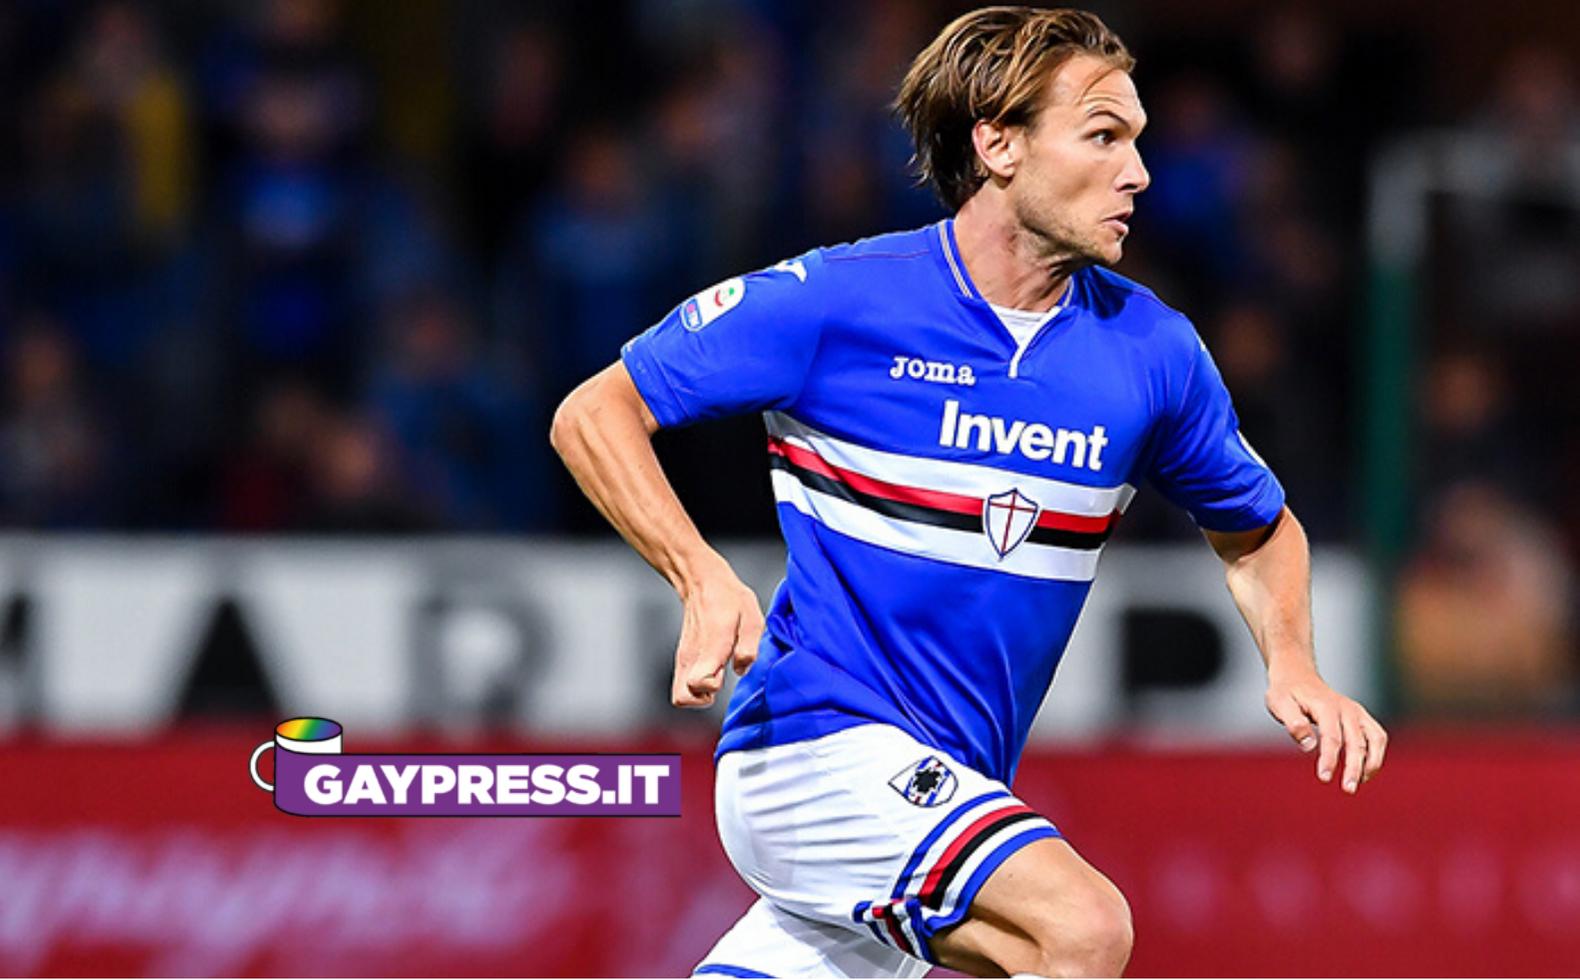 Ekdal e l'omofobia nel calcio il video del giocatore di seria in favore delle persone gay